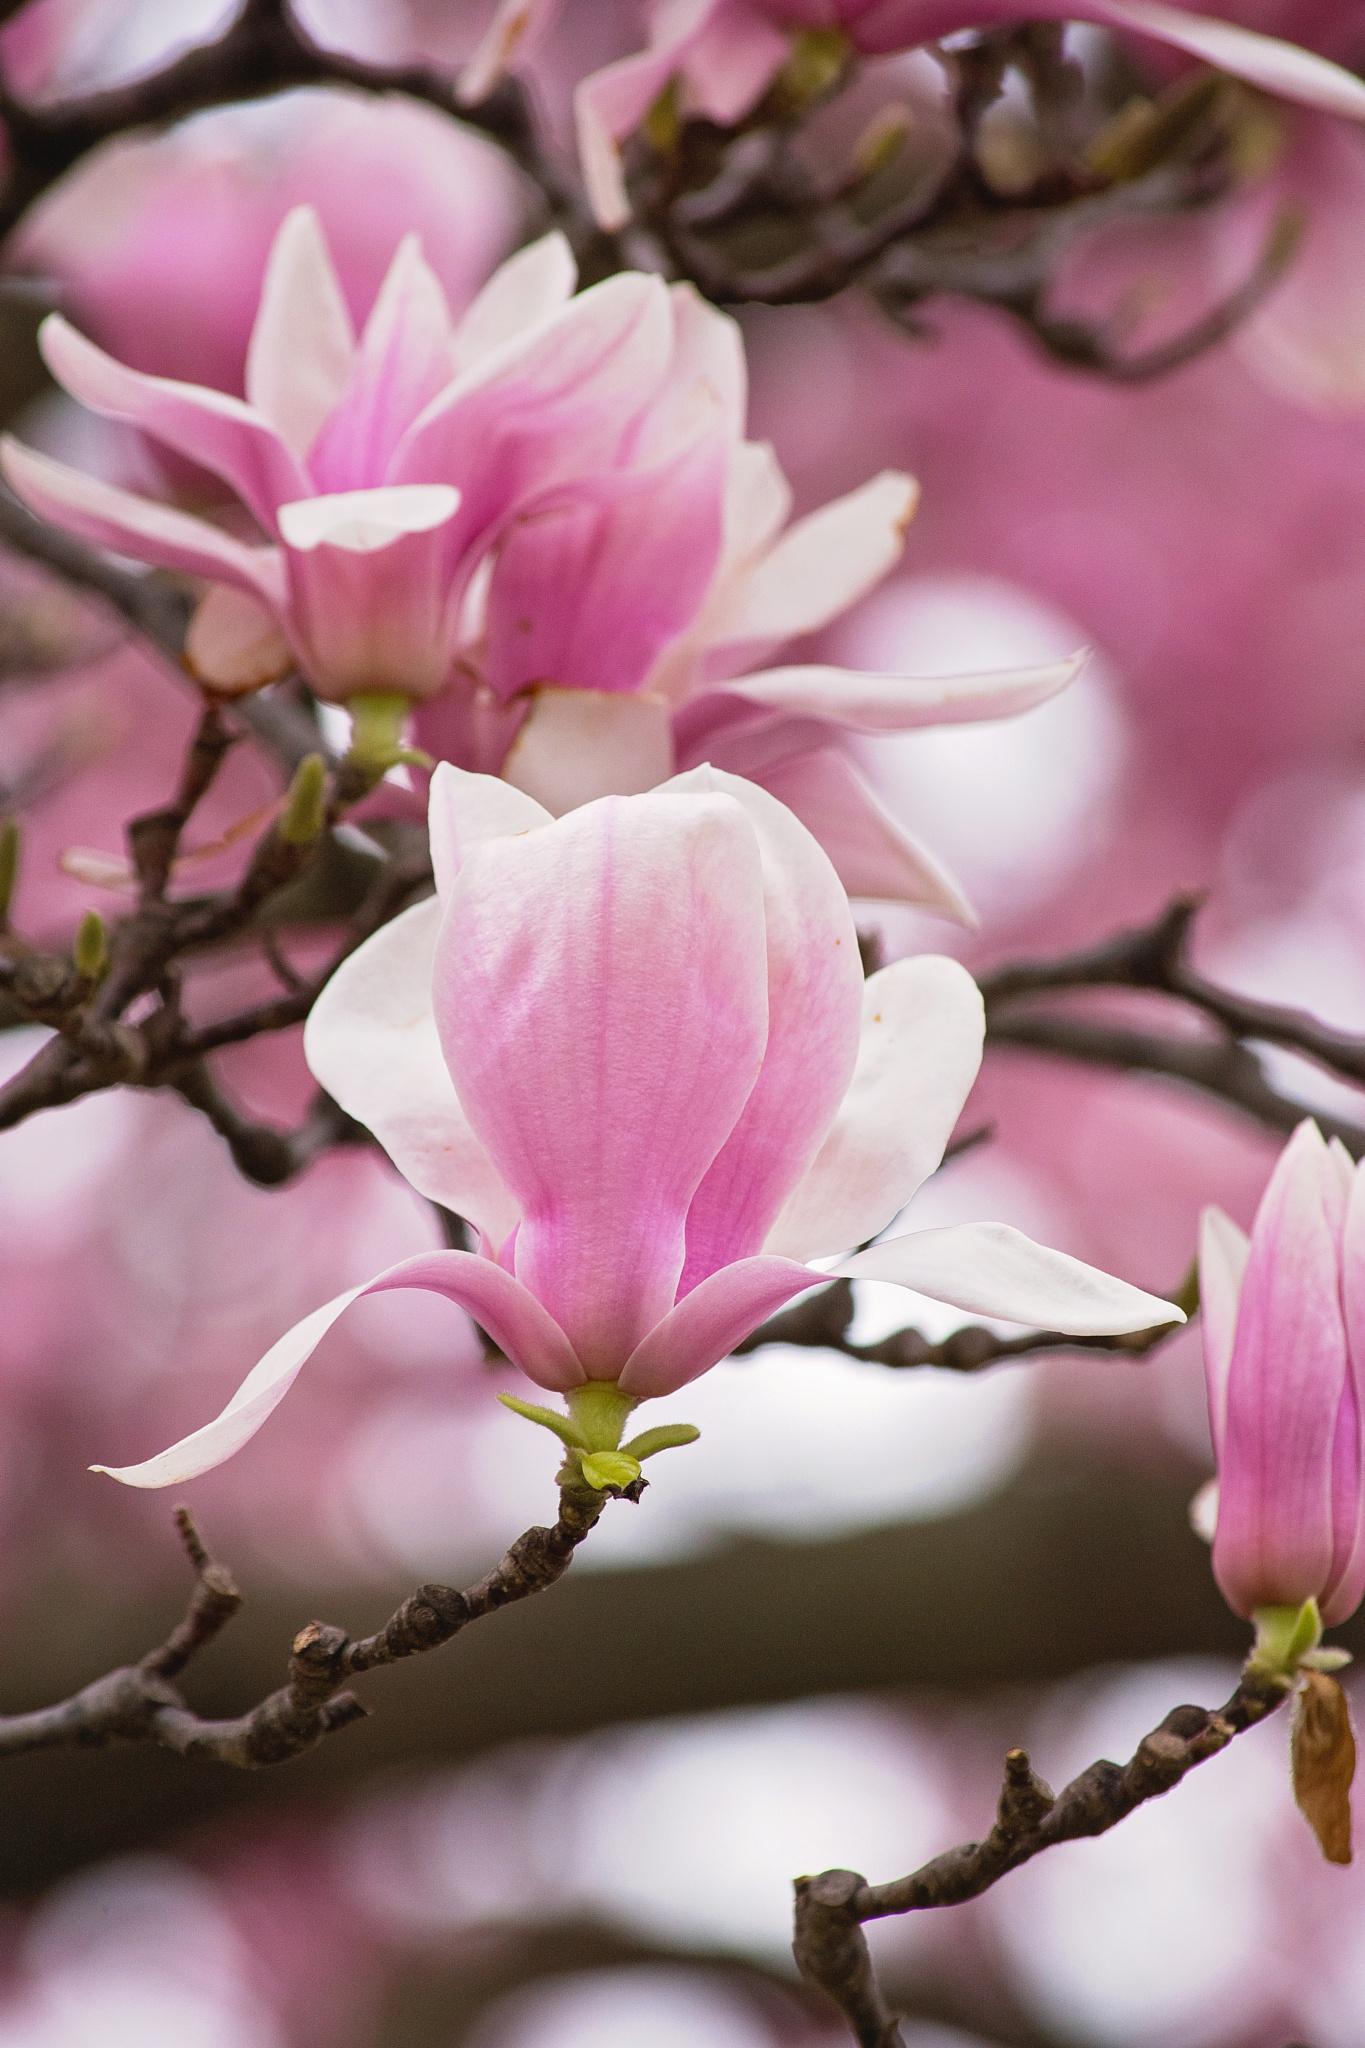 Magnolia Tree by Elizabeth Funes